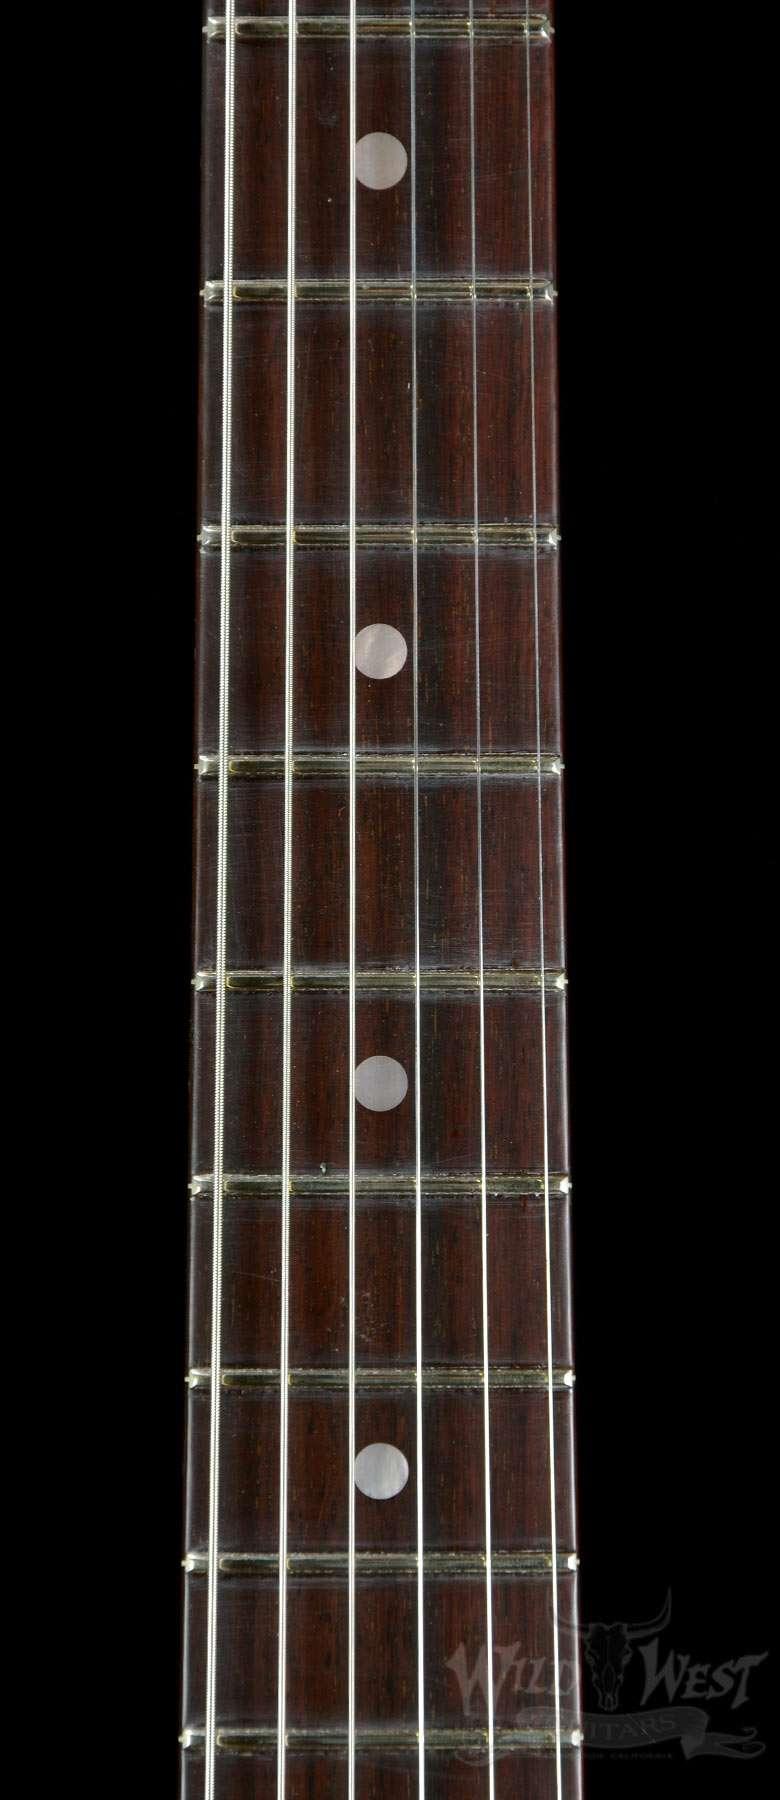 Fender 1960 S Greg Fessler Master Built Rosewood